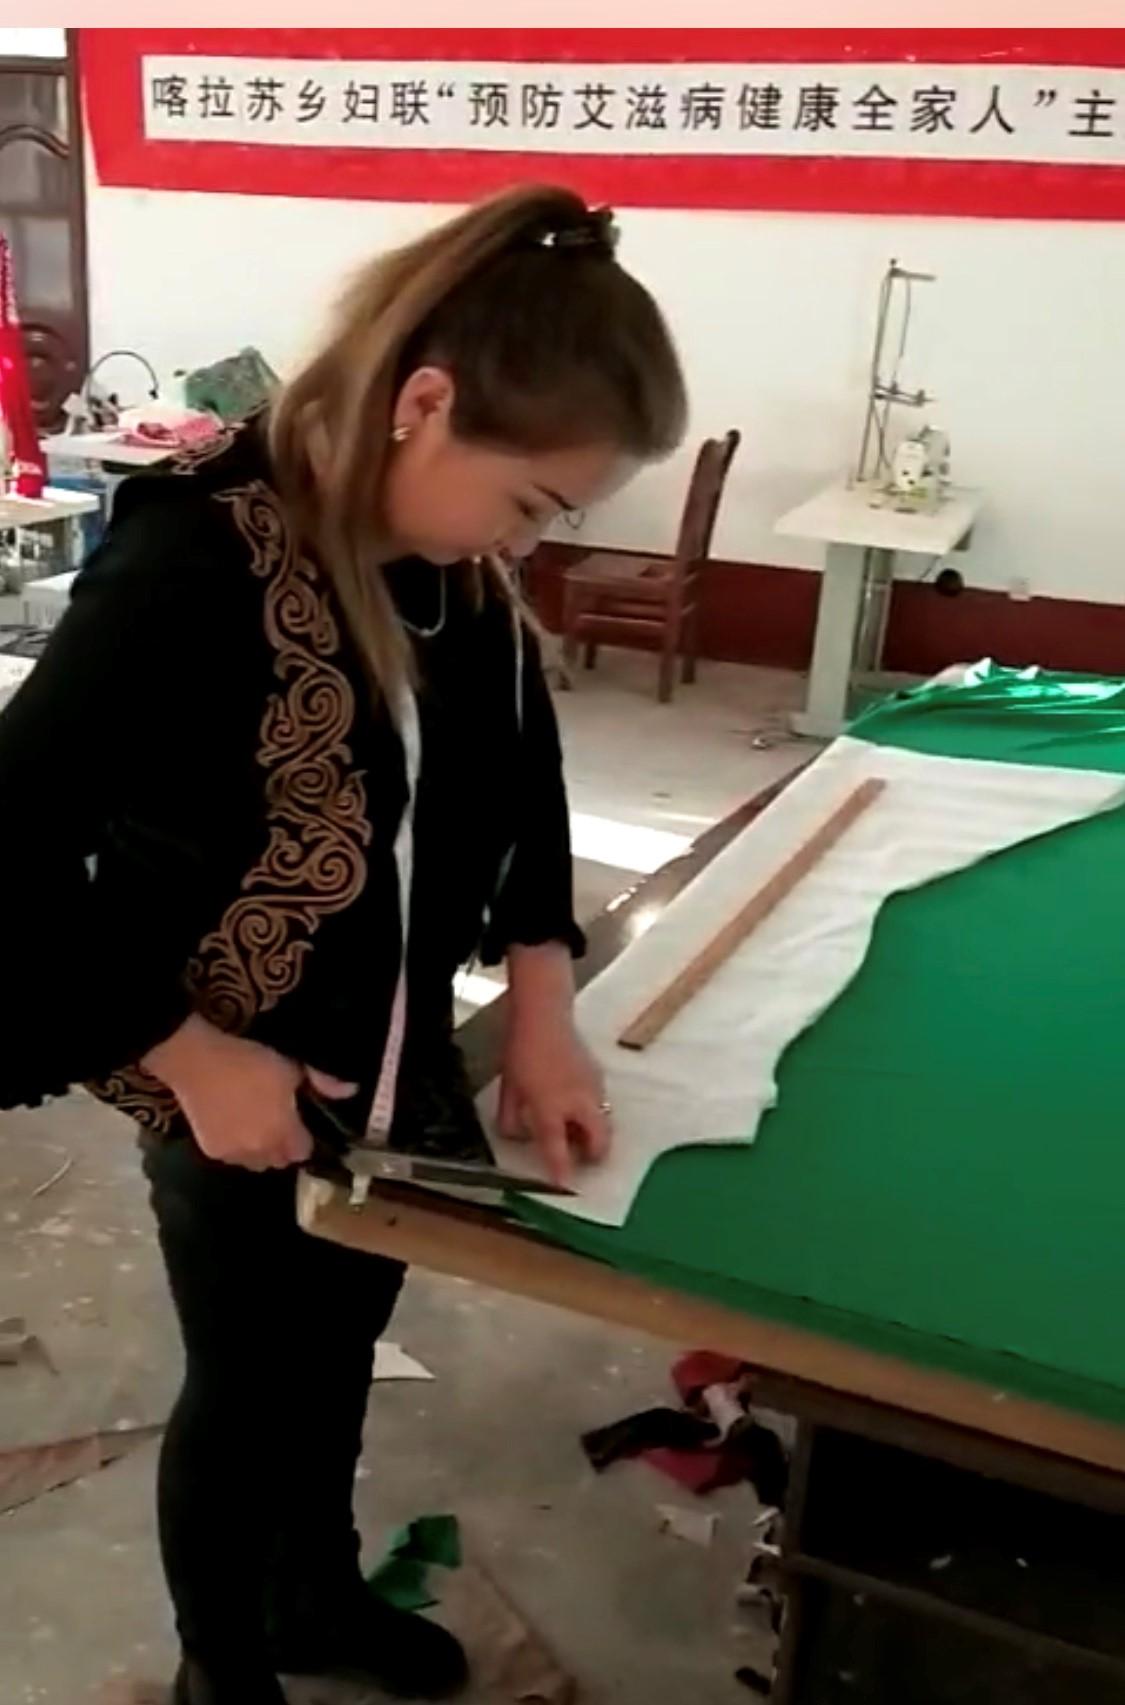 迪娜在家乡的工厂工作情景。(志愿者提供/记者乔龙)